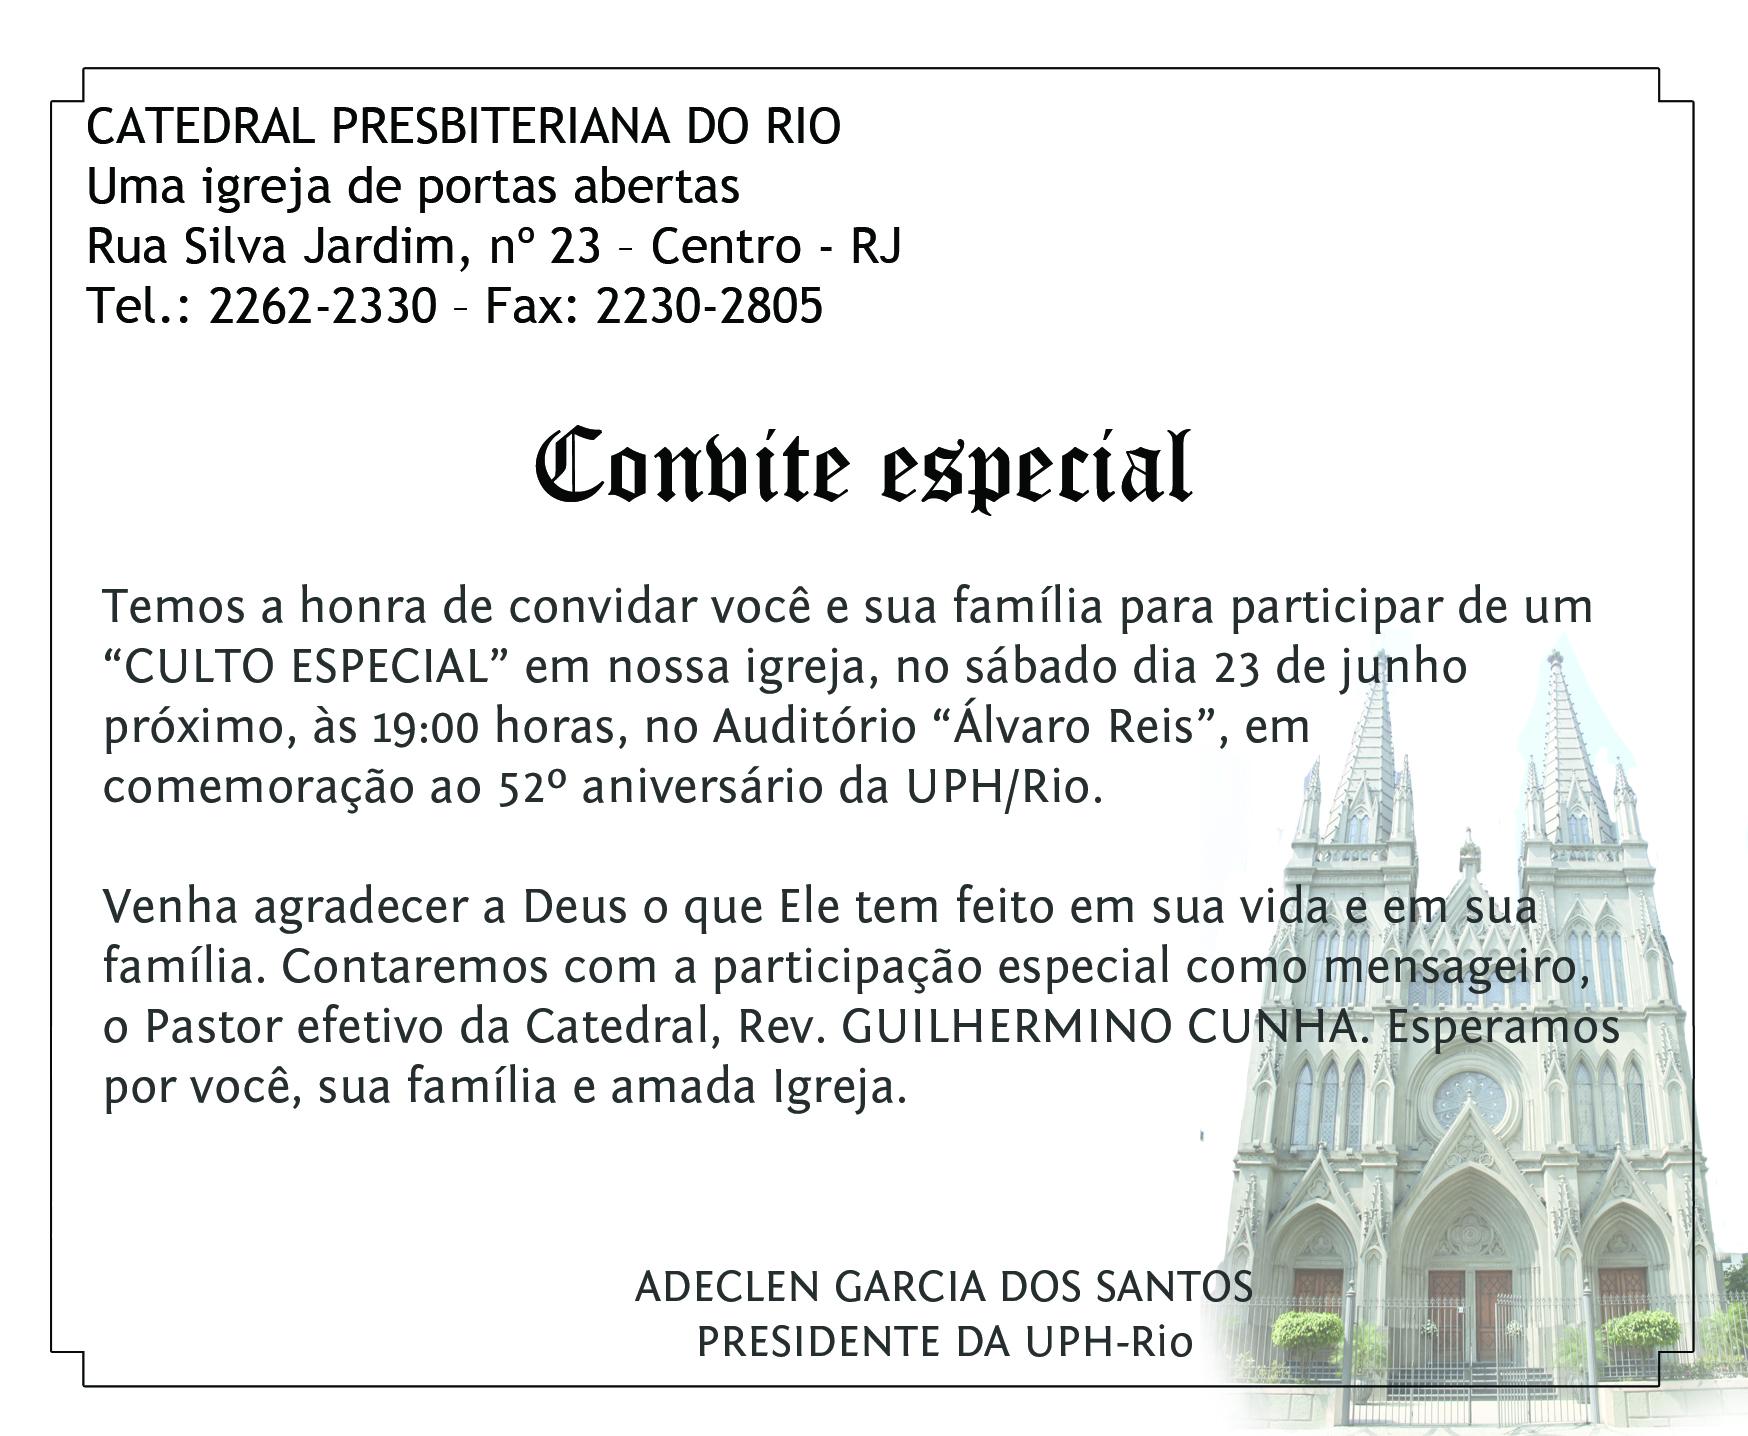 52º Aniversário Da Uph Rio